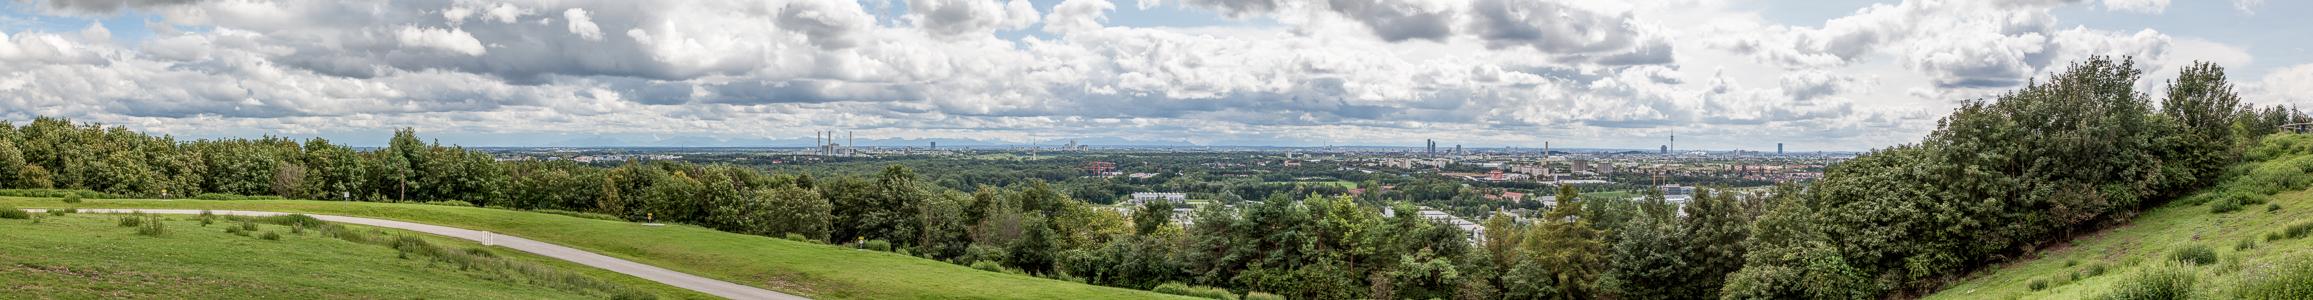 München Blick vom Fröttmaninger Berg in Richtung Stadtzentrum